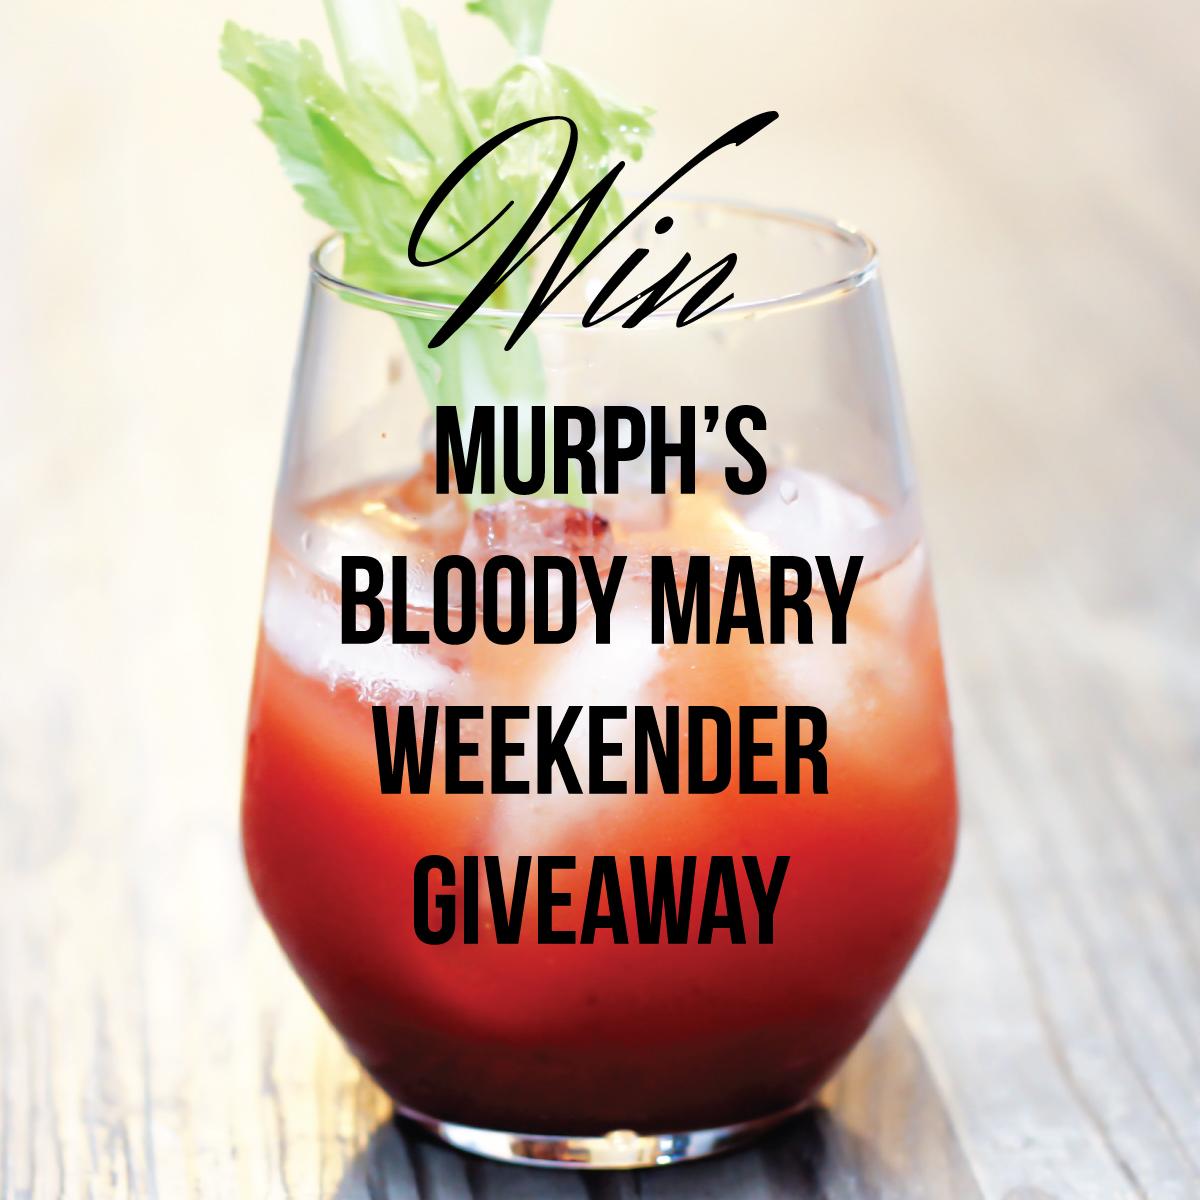 Murph Weekender Giveaway